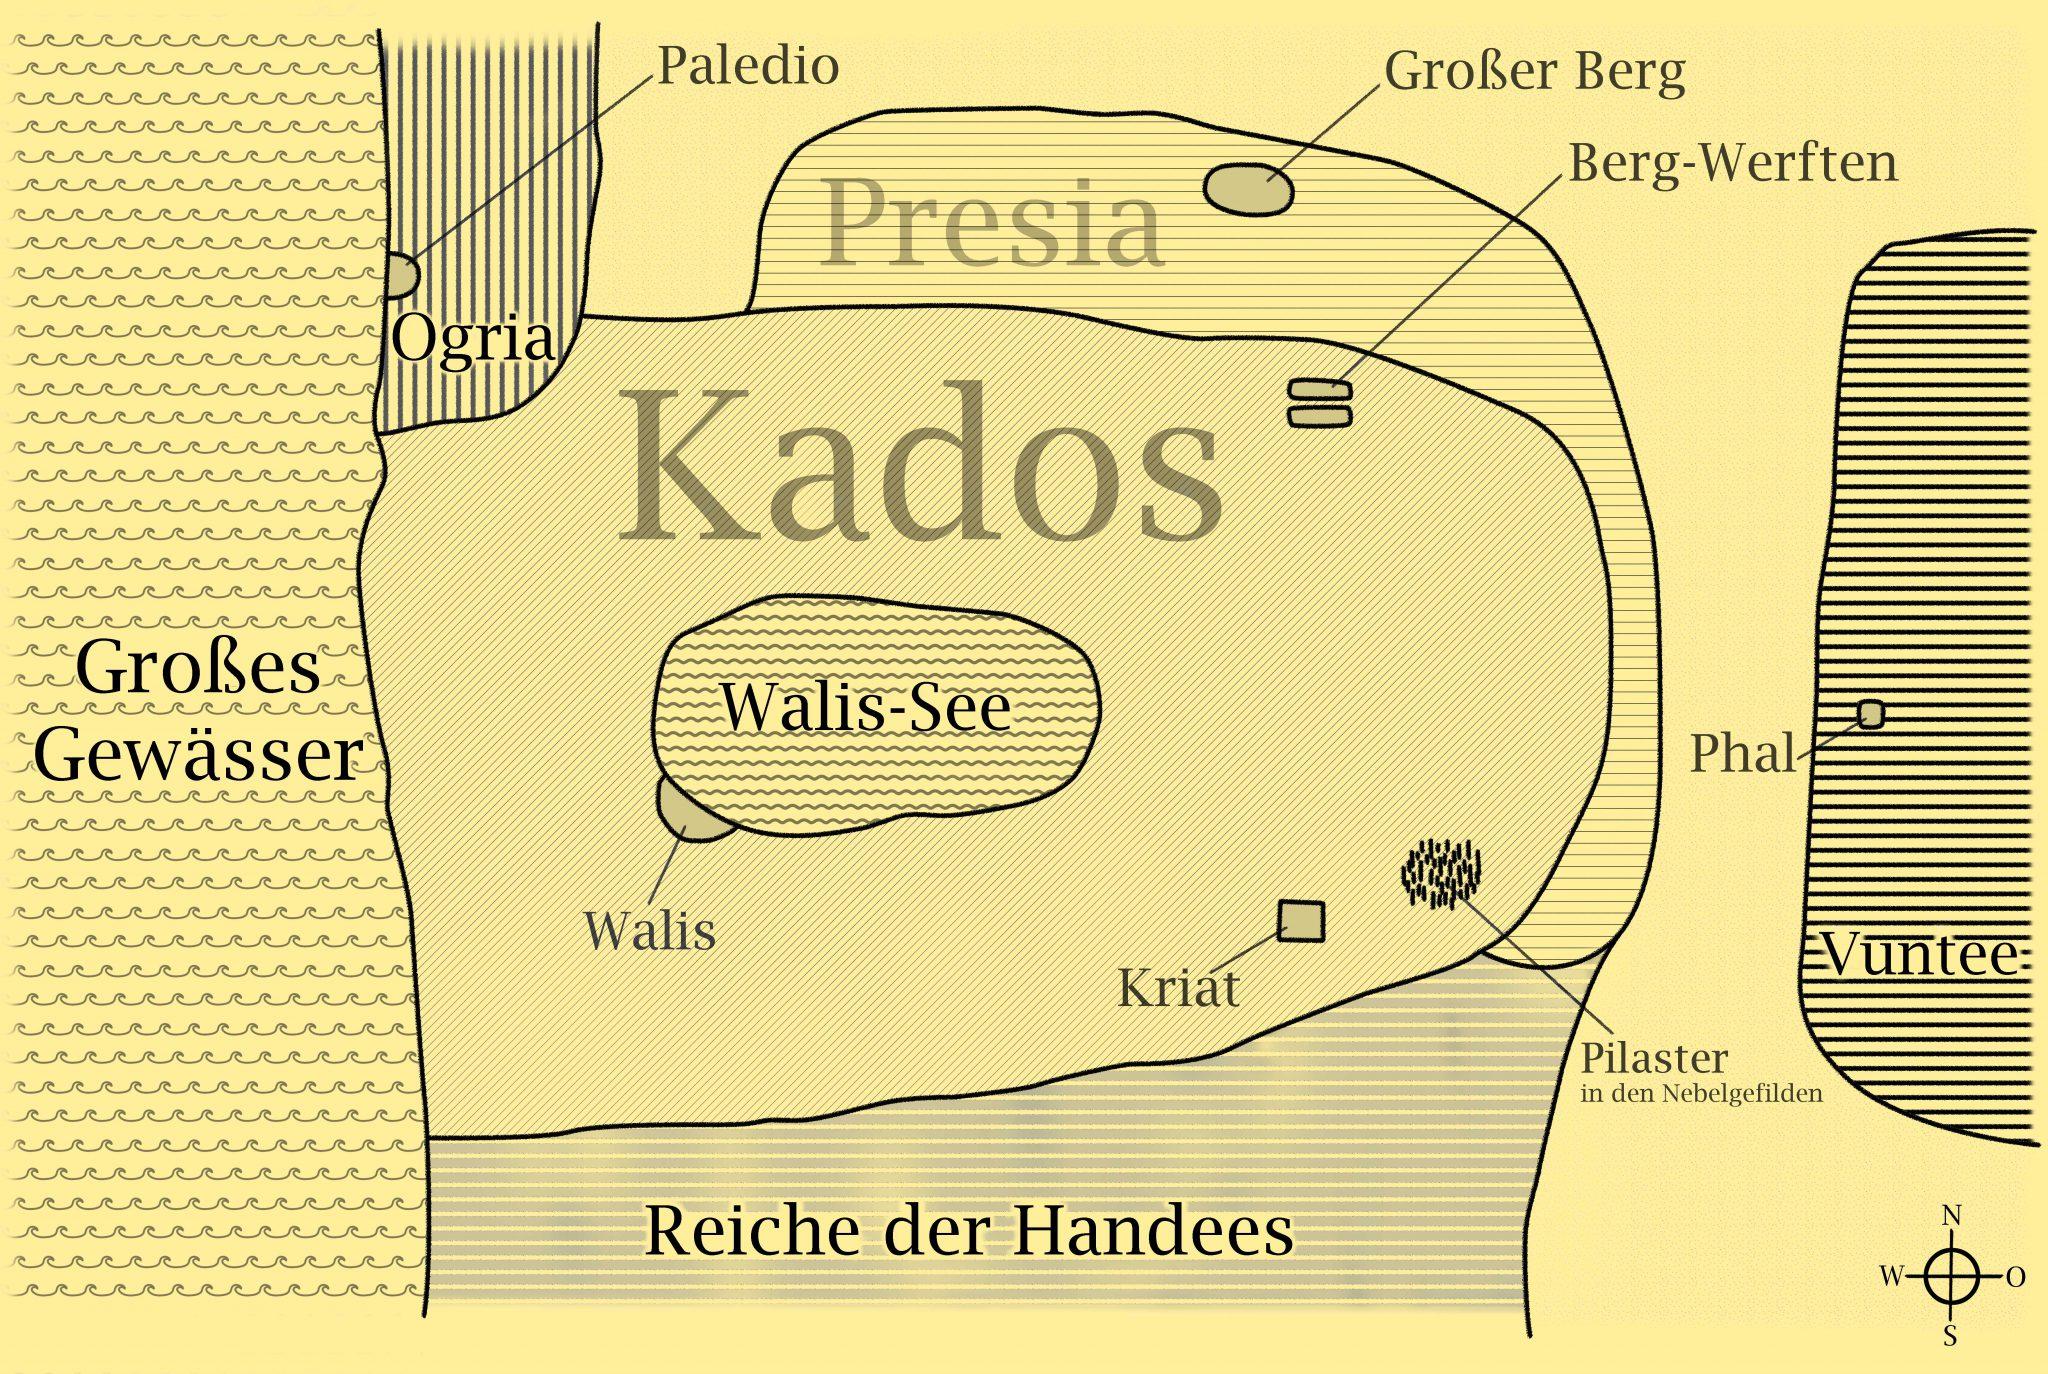 """Fantasy-Weltkarte aus """"Die Legende von Kados"""" mit beigem Hintergrund und Beschriftung"""